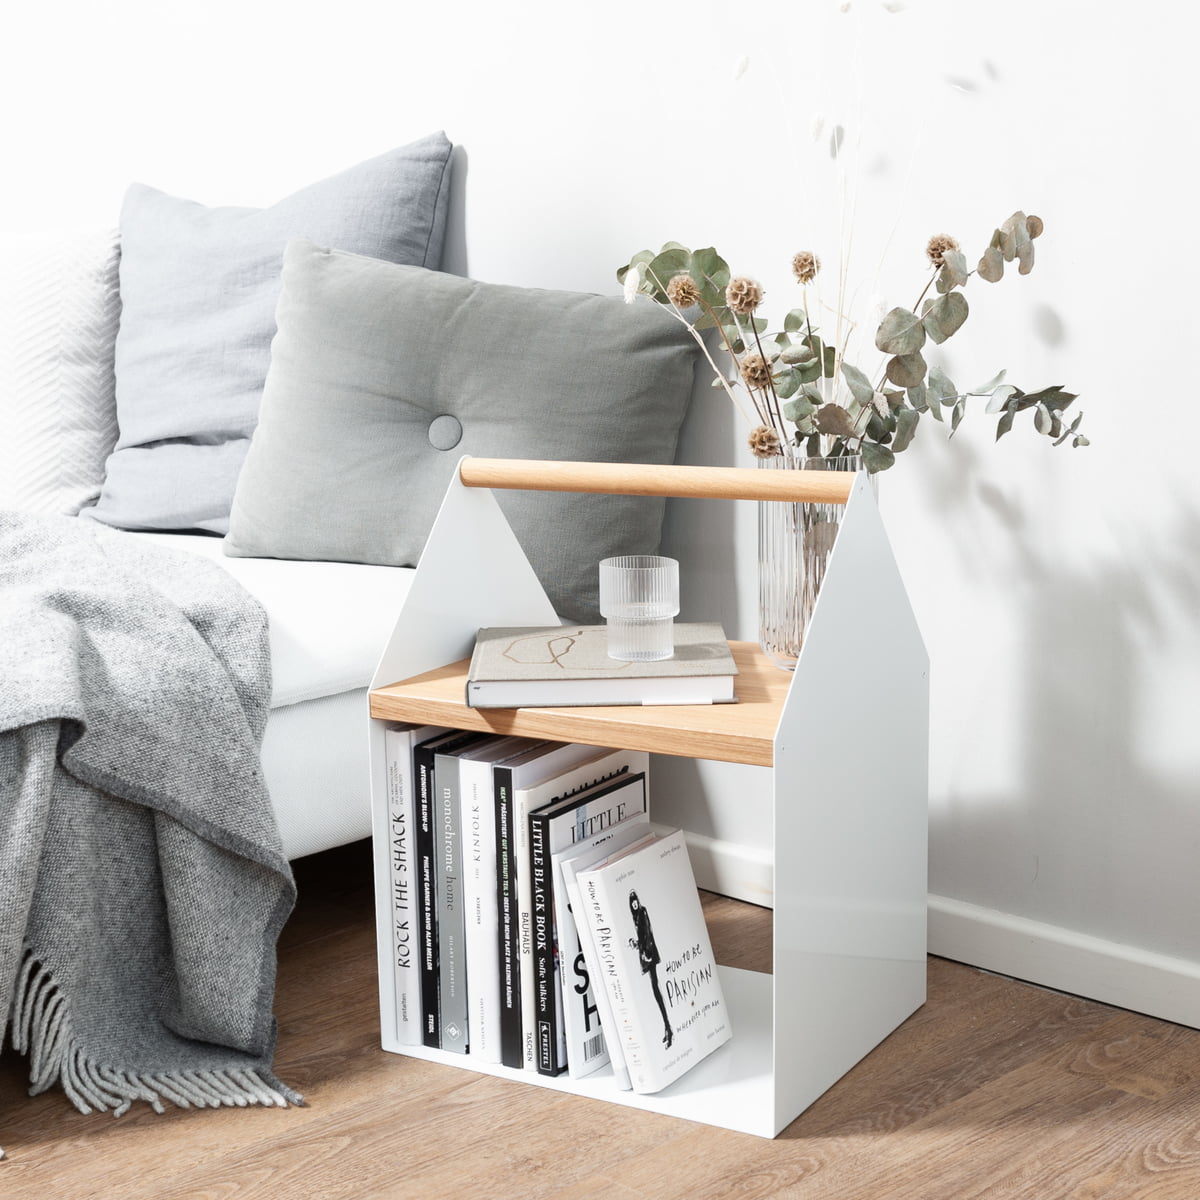 Klein Design Bijzettafeltje.Yunic Kleine Huis Bijzettafel Connox